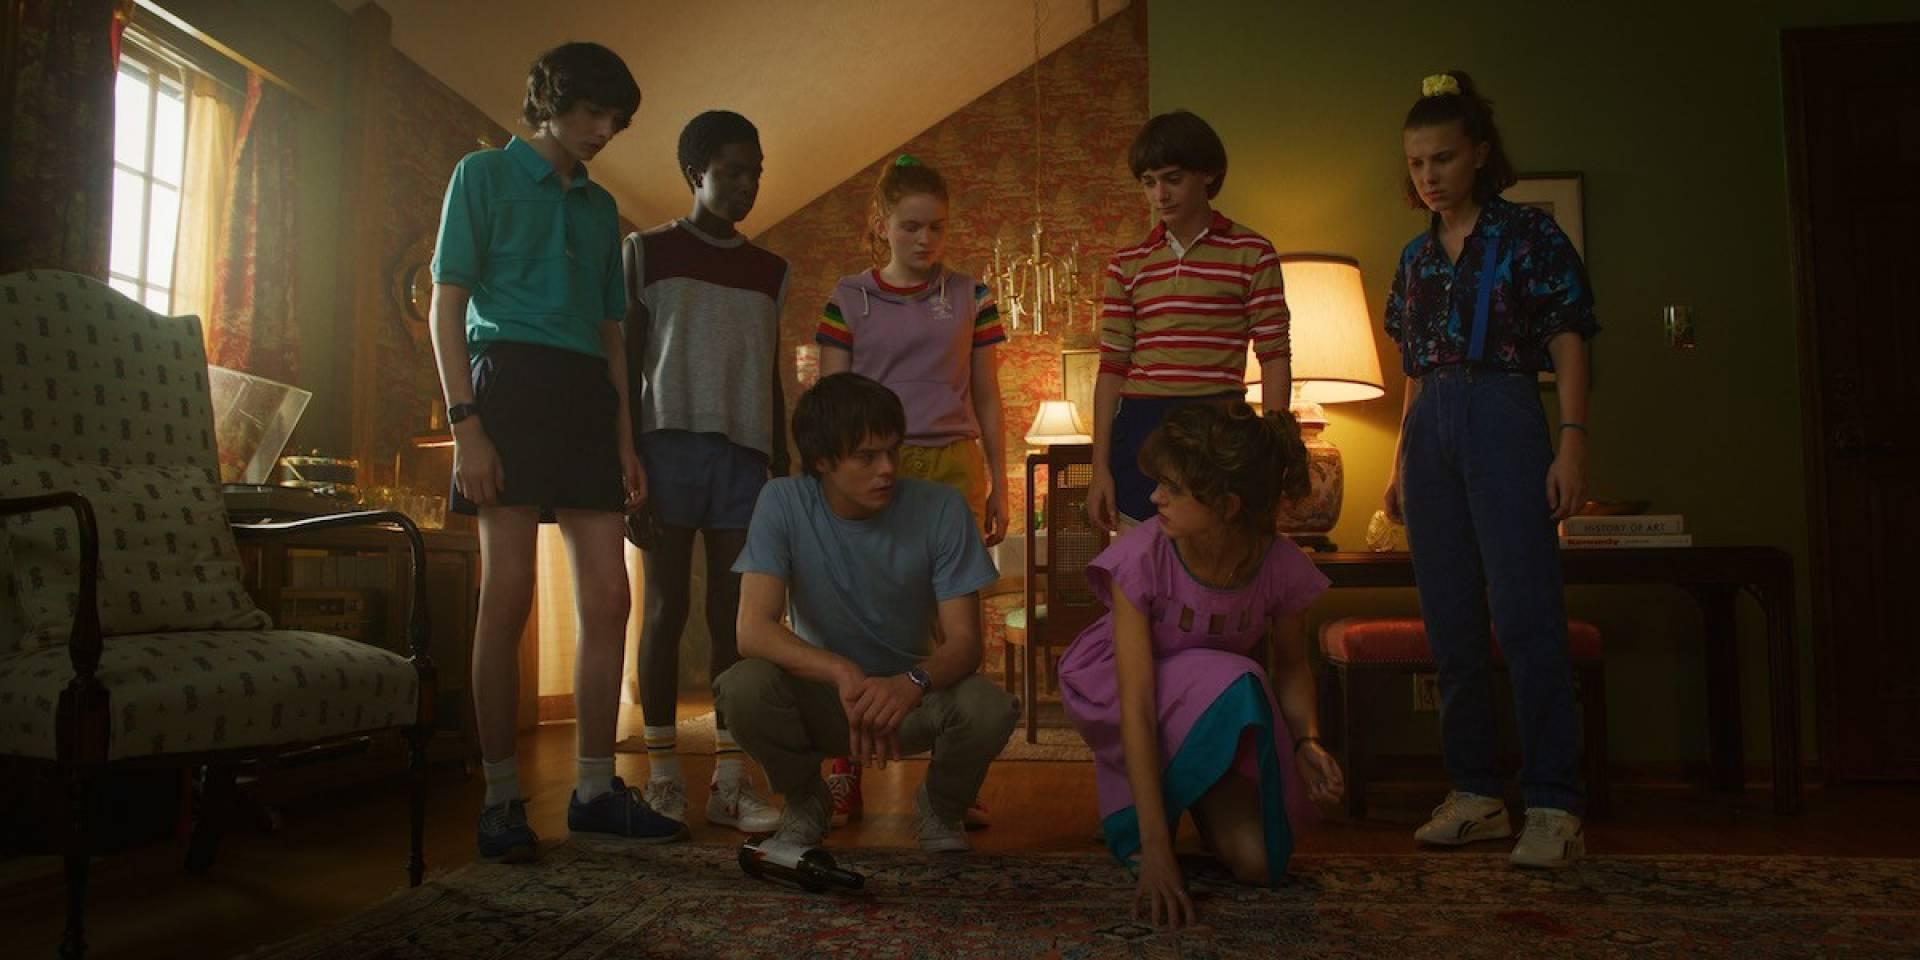 Stranger Things 3 , i protagonisti nelle immagini della nuova stagione